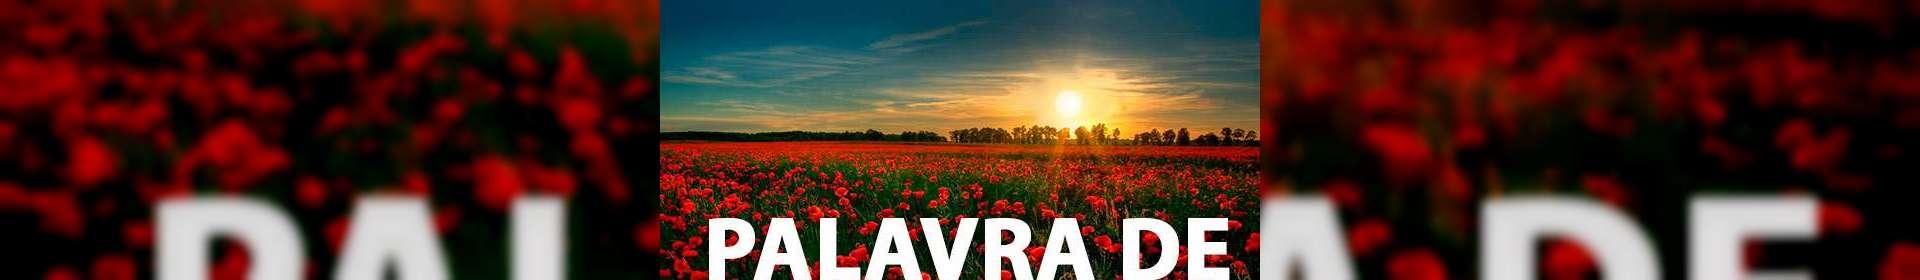 Salmos 86:1 - Uma Palavra de Esperança para sua vida